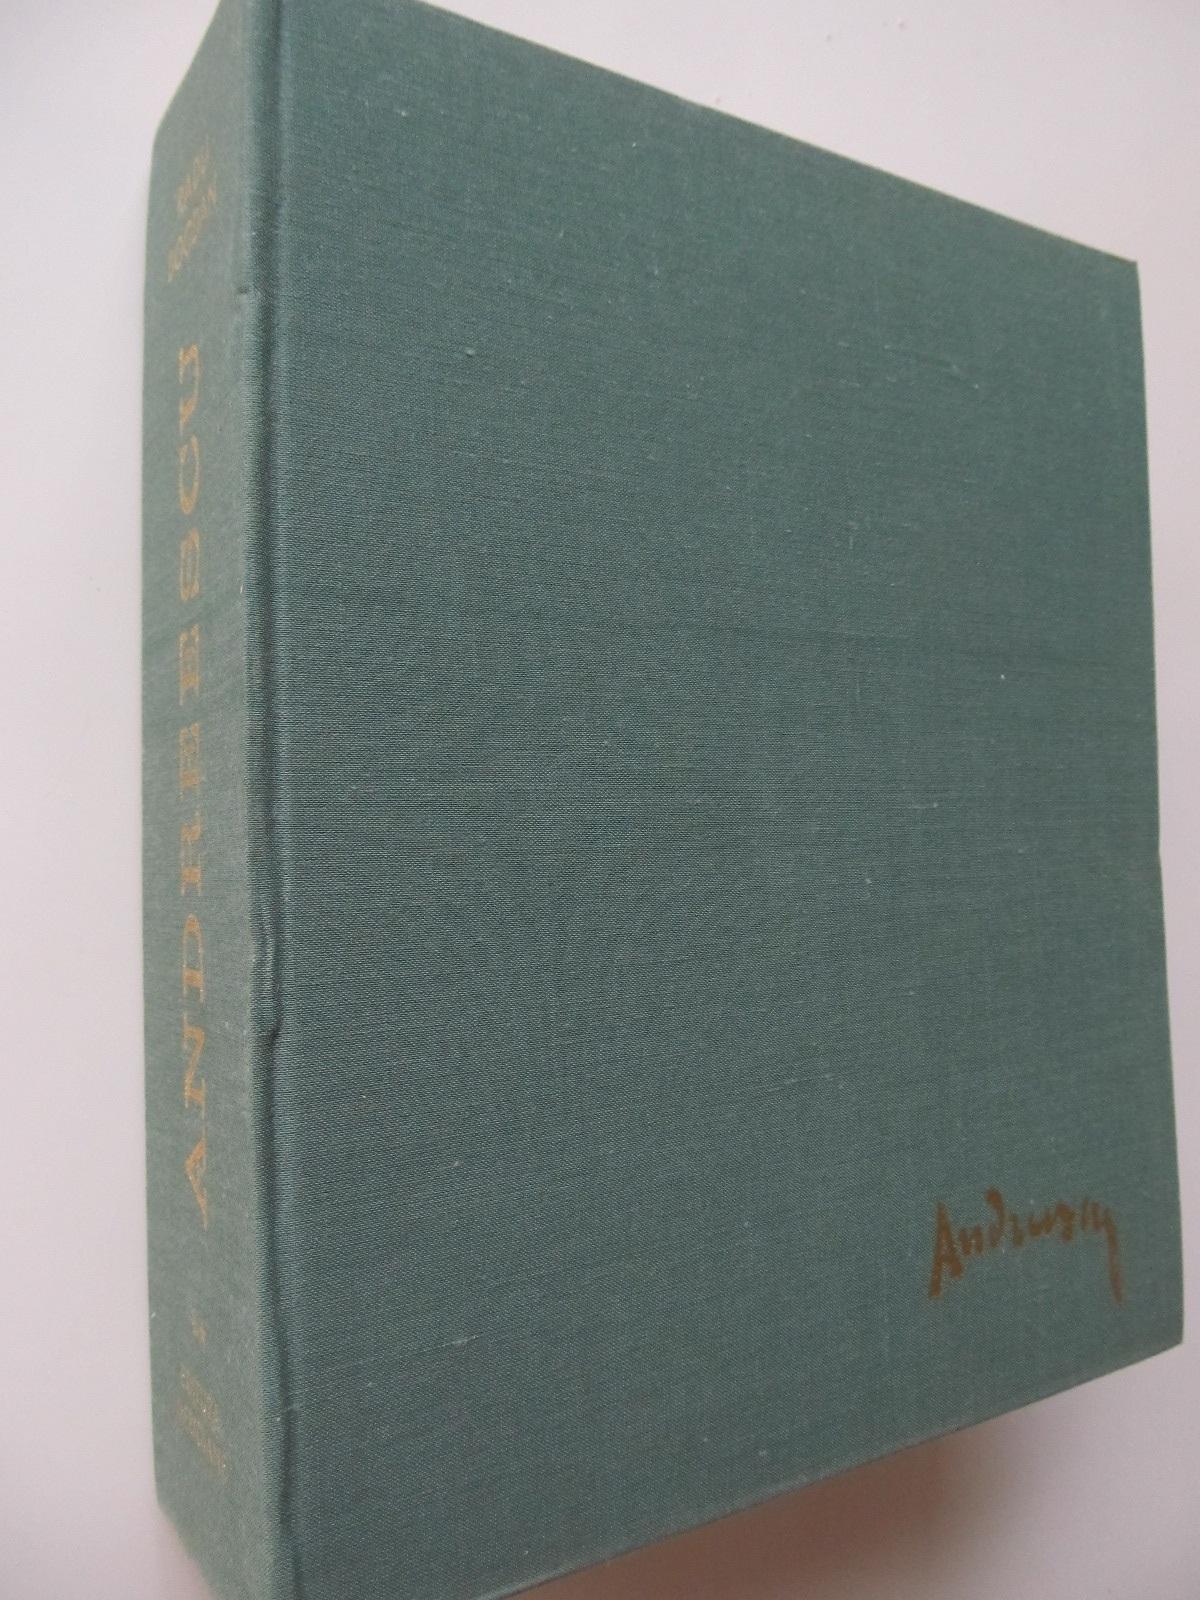 Andreescu - Posteritatea critica (vol. 2) (Album) - cu supracoperta - Radu Bogdan | Detalii carte